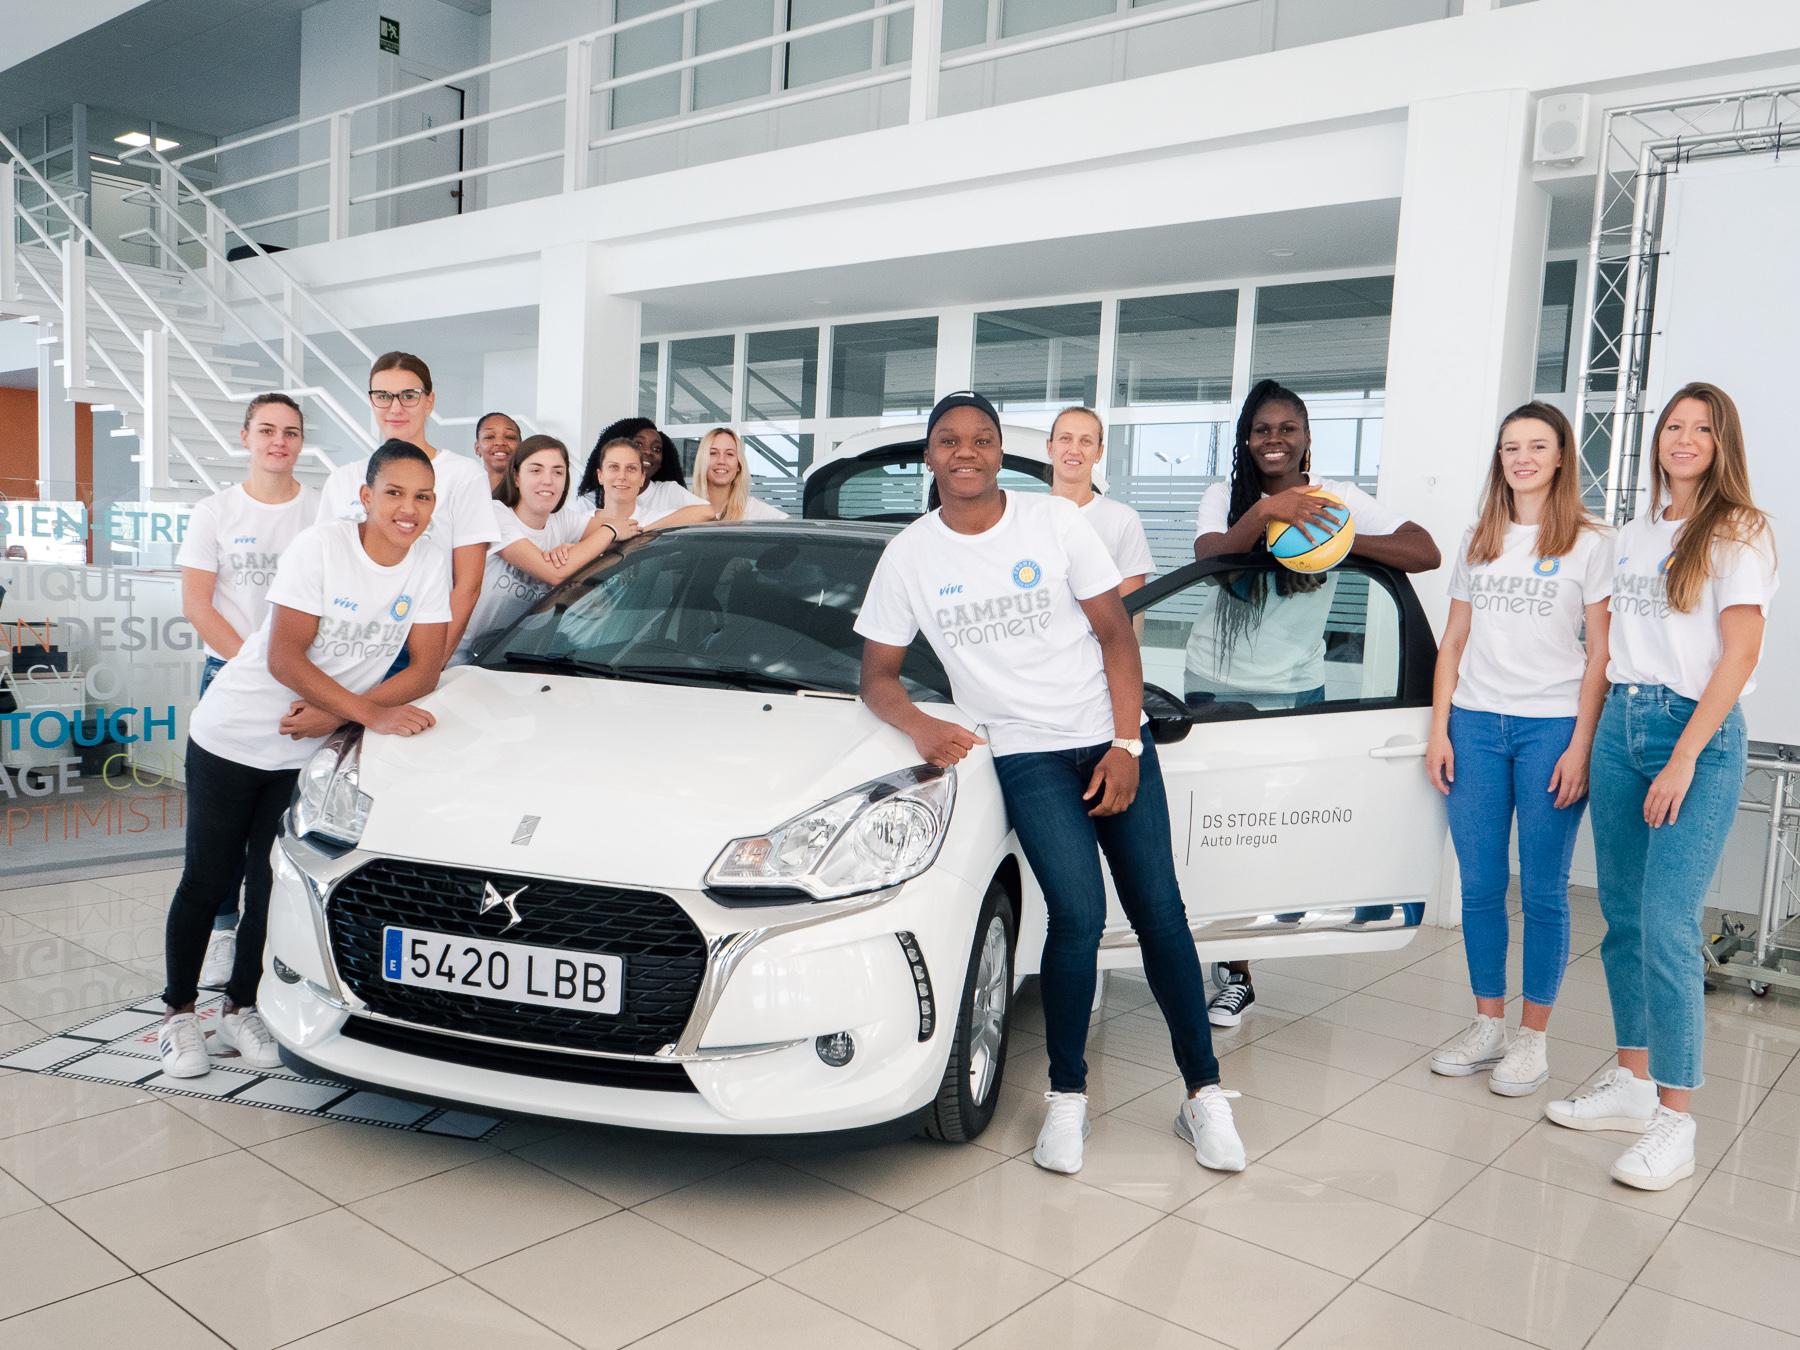 Seis años con Auto Iregua: el Campus Promete conducirá el Citroën DS3 esta temporada